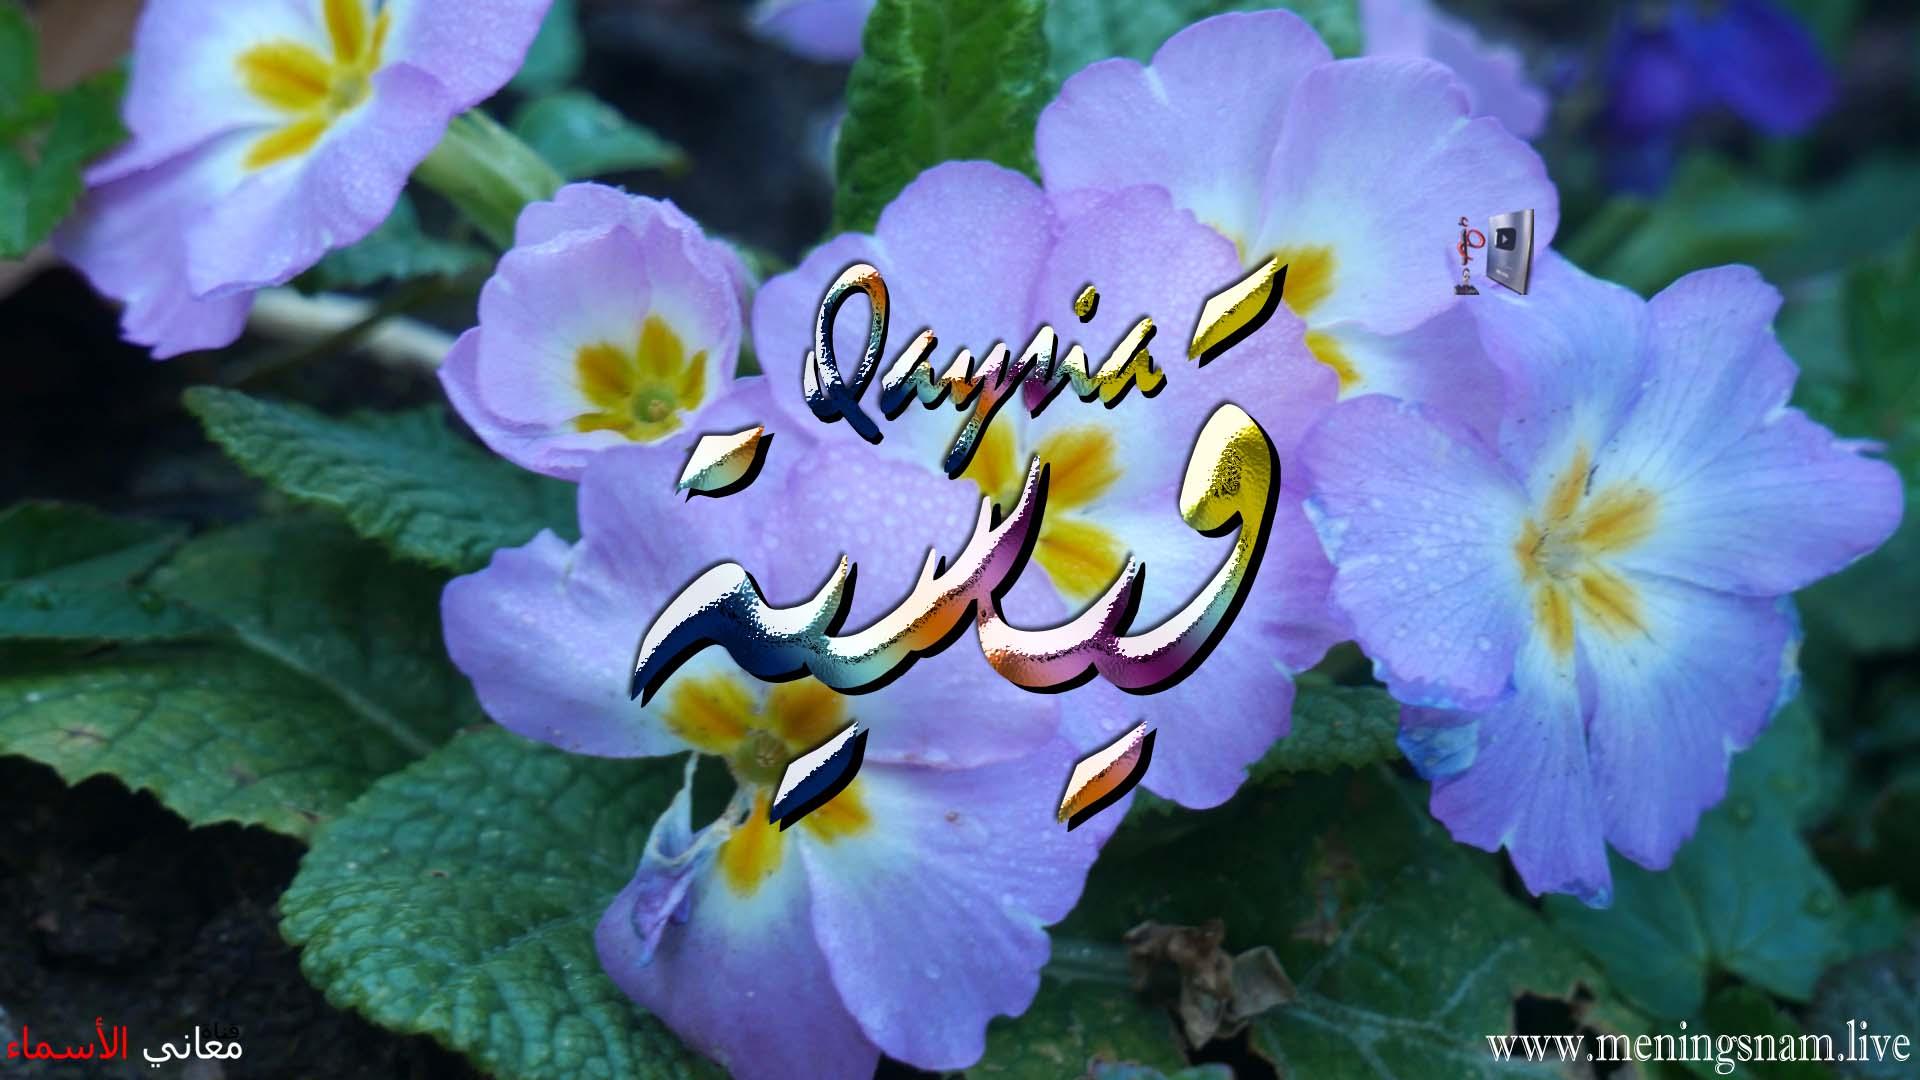 معنى اسم قيسية وصفات حاملة هذا الاسم Qaysia